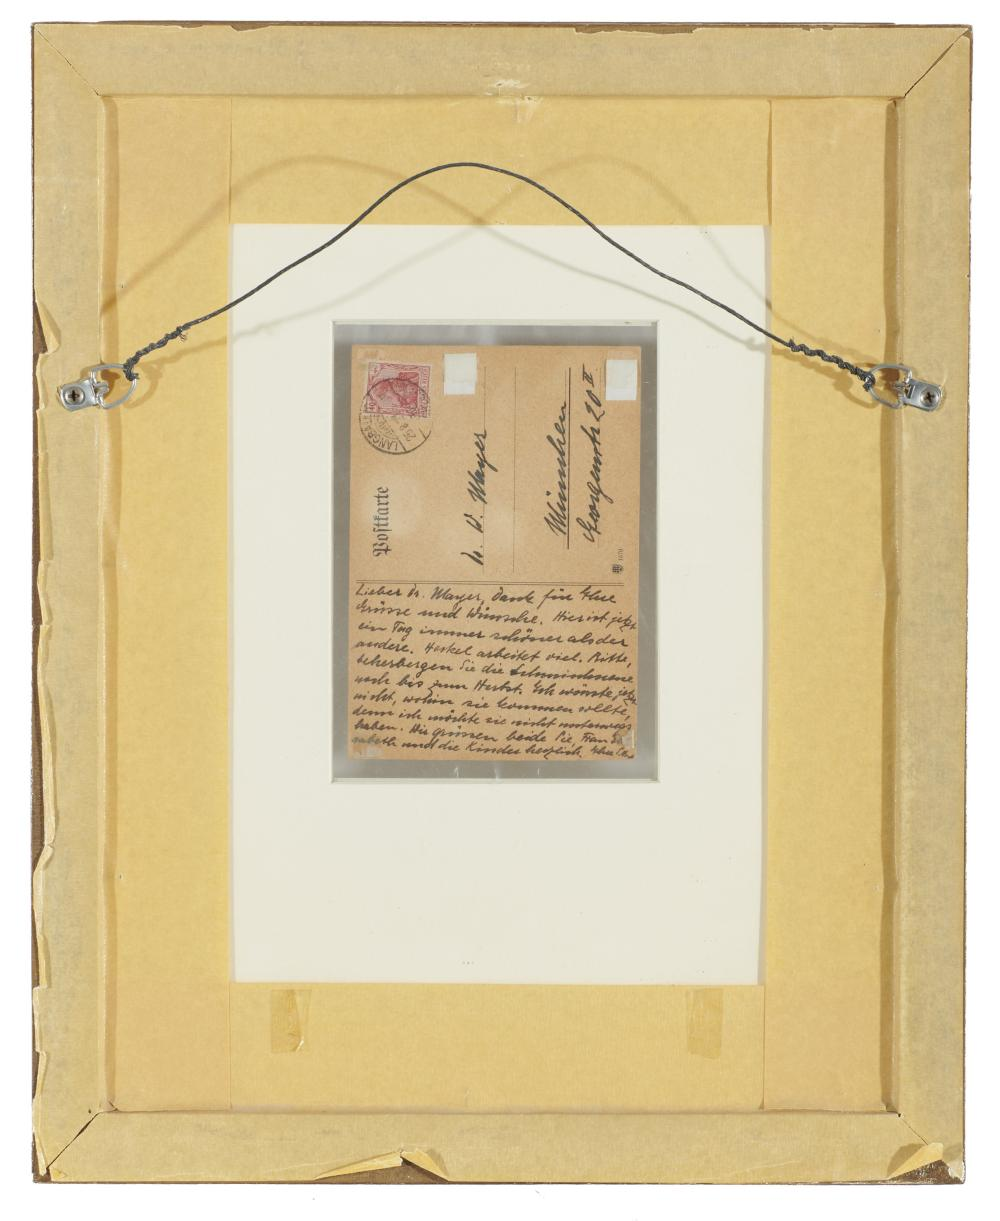 ERICH HECKEL, (German, 1883-1970), Stillleben (Flowers in a Vase), gouache and crayon postcard, 6 x 4 in., frame: 16 7/8 x 13 1/2 in.